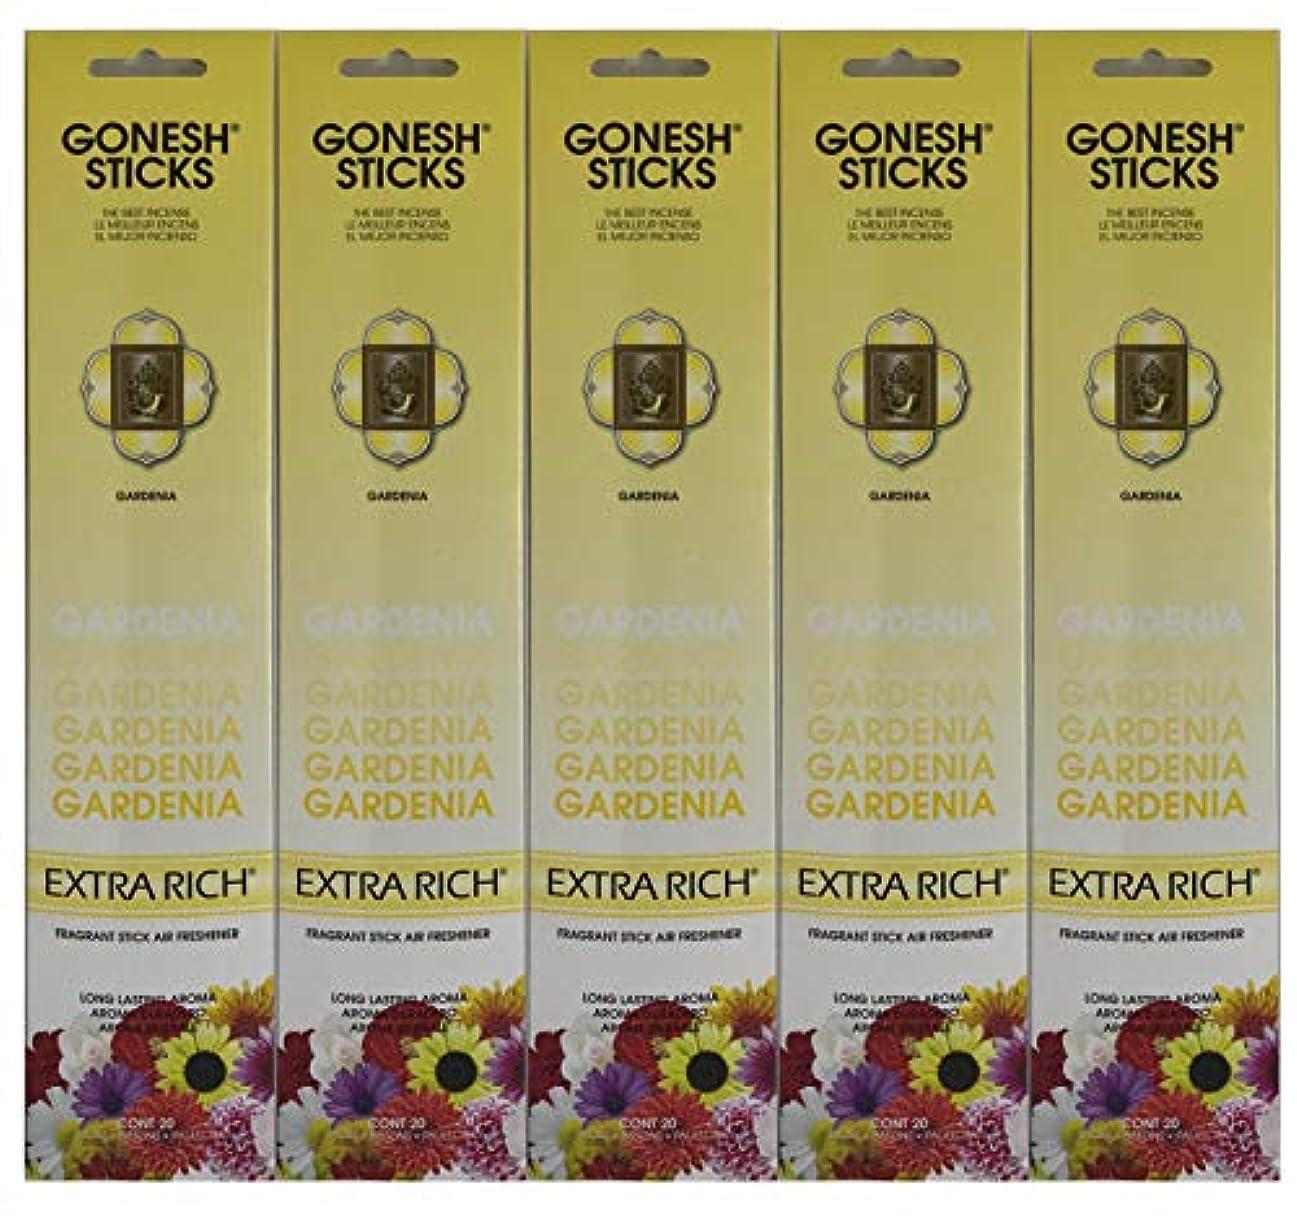 グレーコスト急襲Gonesh お香スティック エクストラリッチコレクション - Gardenia 5パック (合計100本)